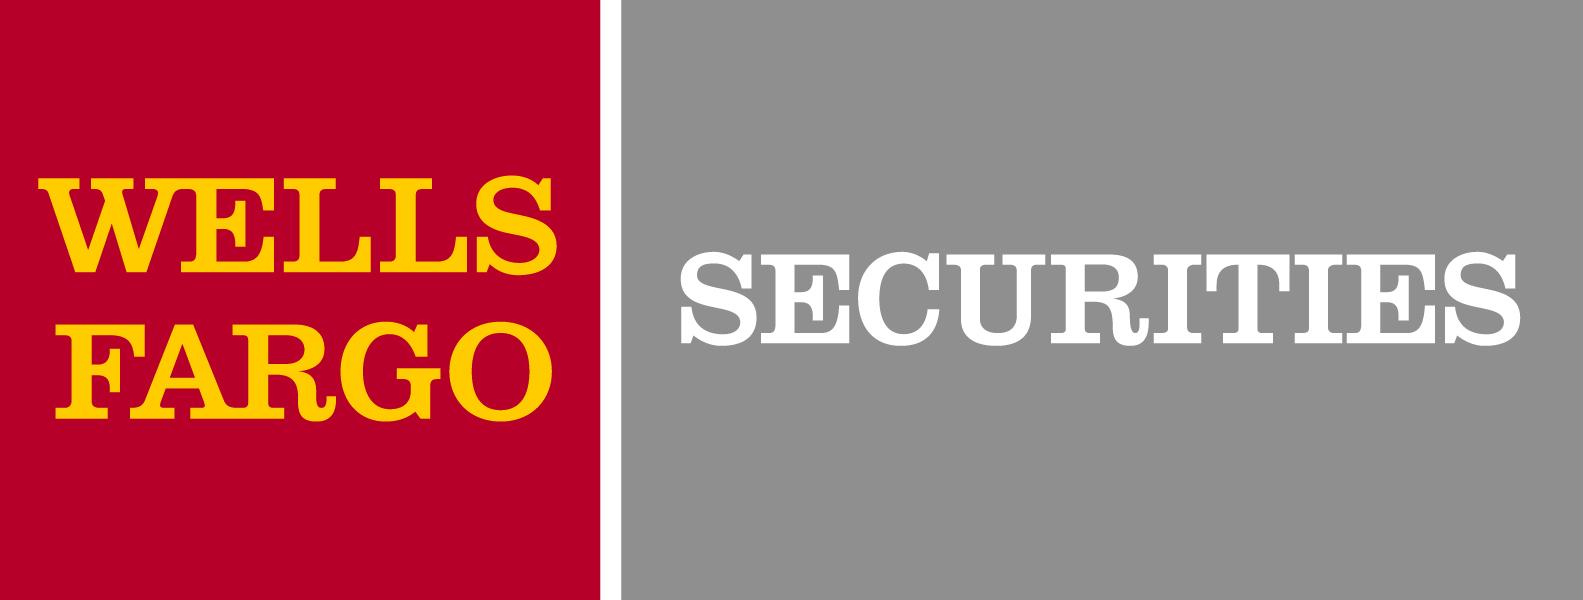 Wells Fargo_Securities_Logo.jpg